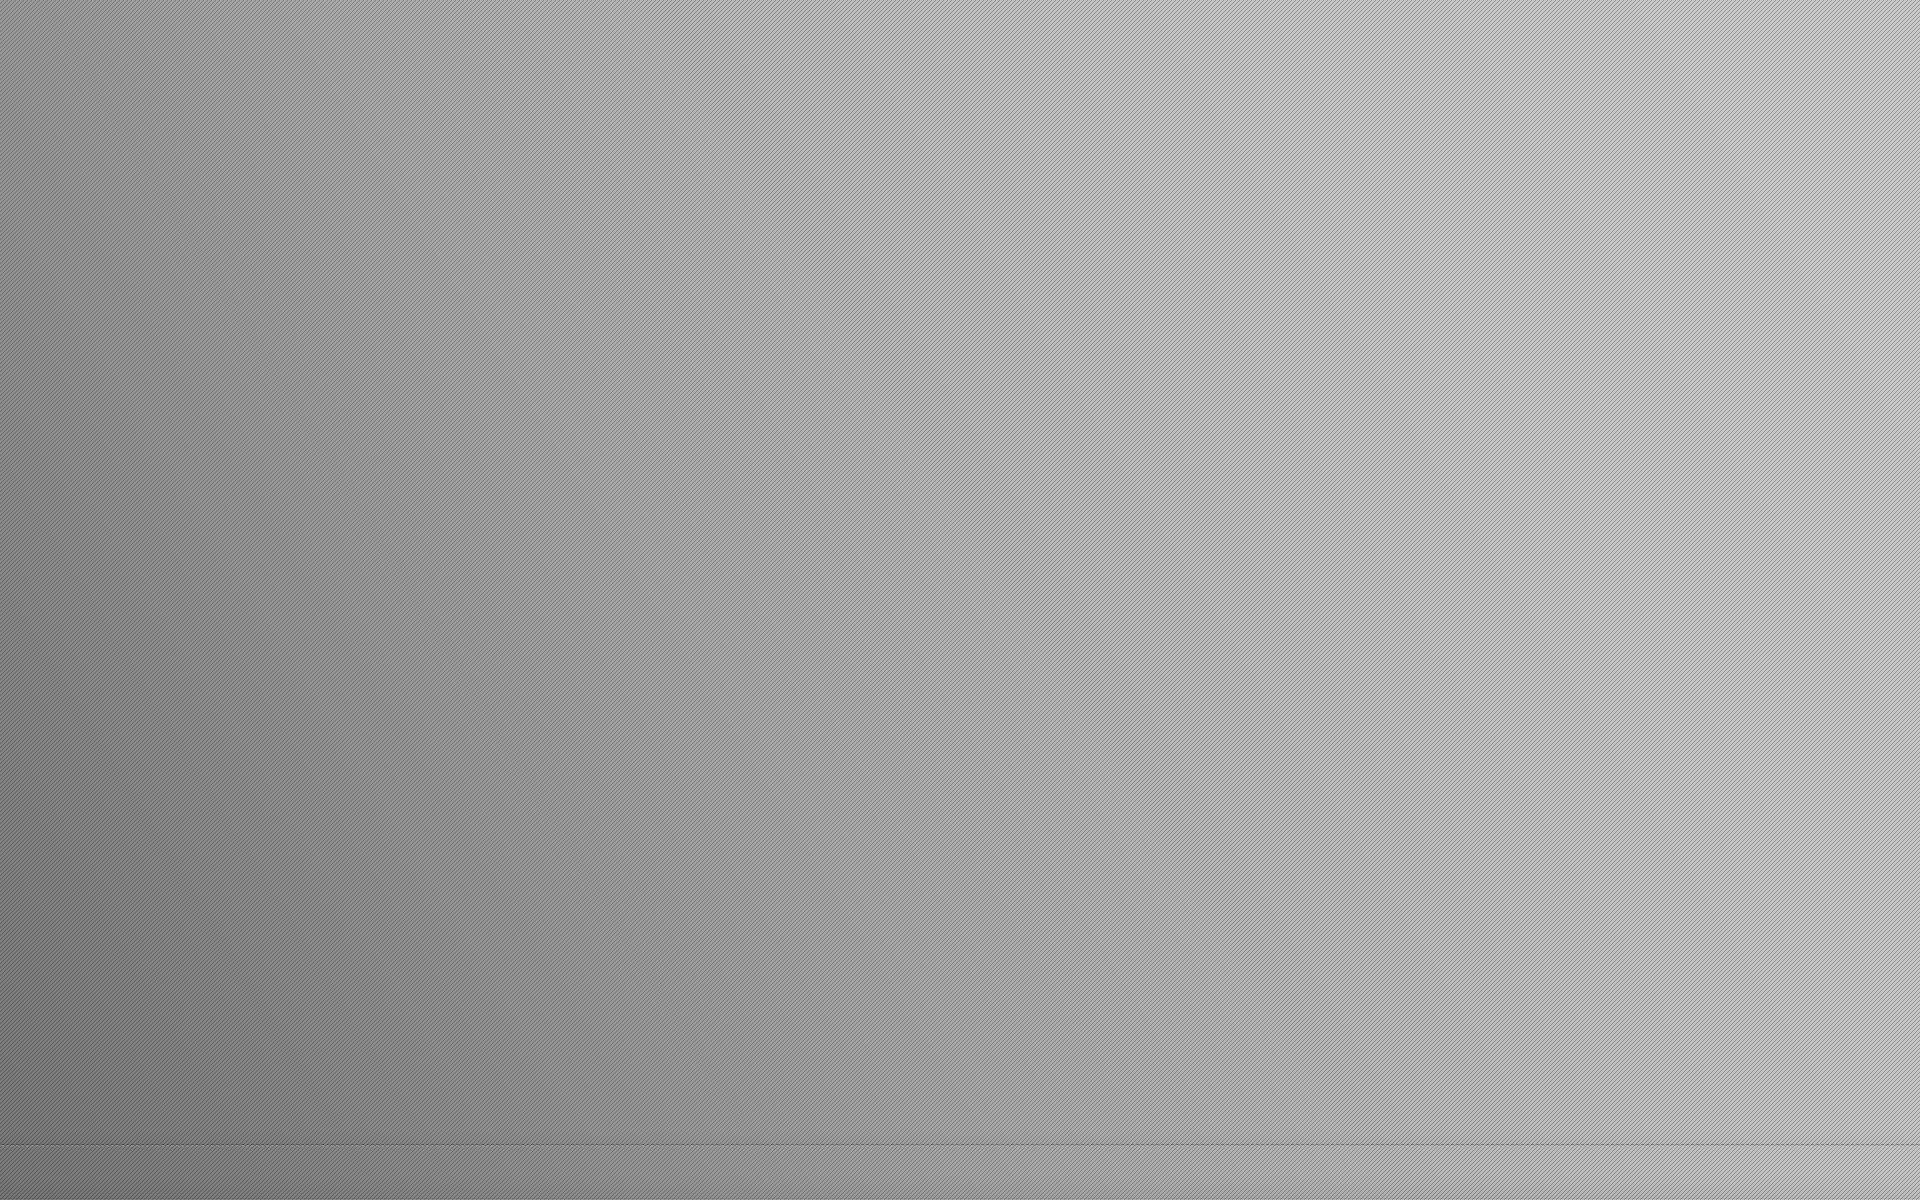 Blank Wallpaper Free Download PixelsTalk.Net - 1920x1200 - jpeg